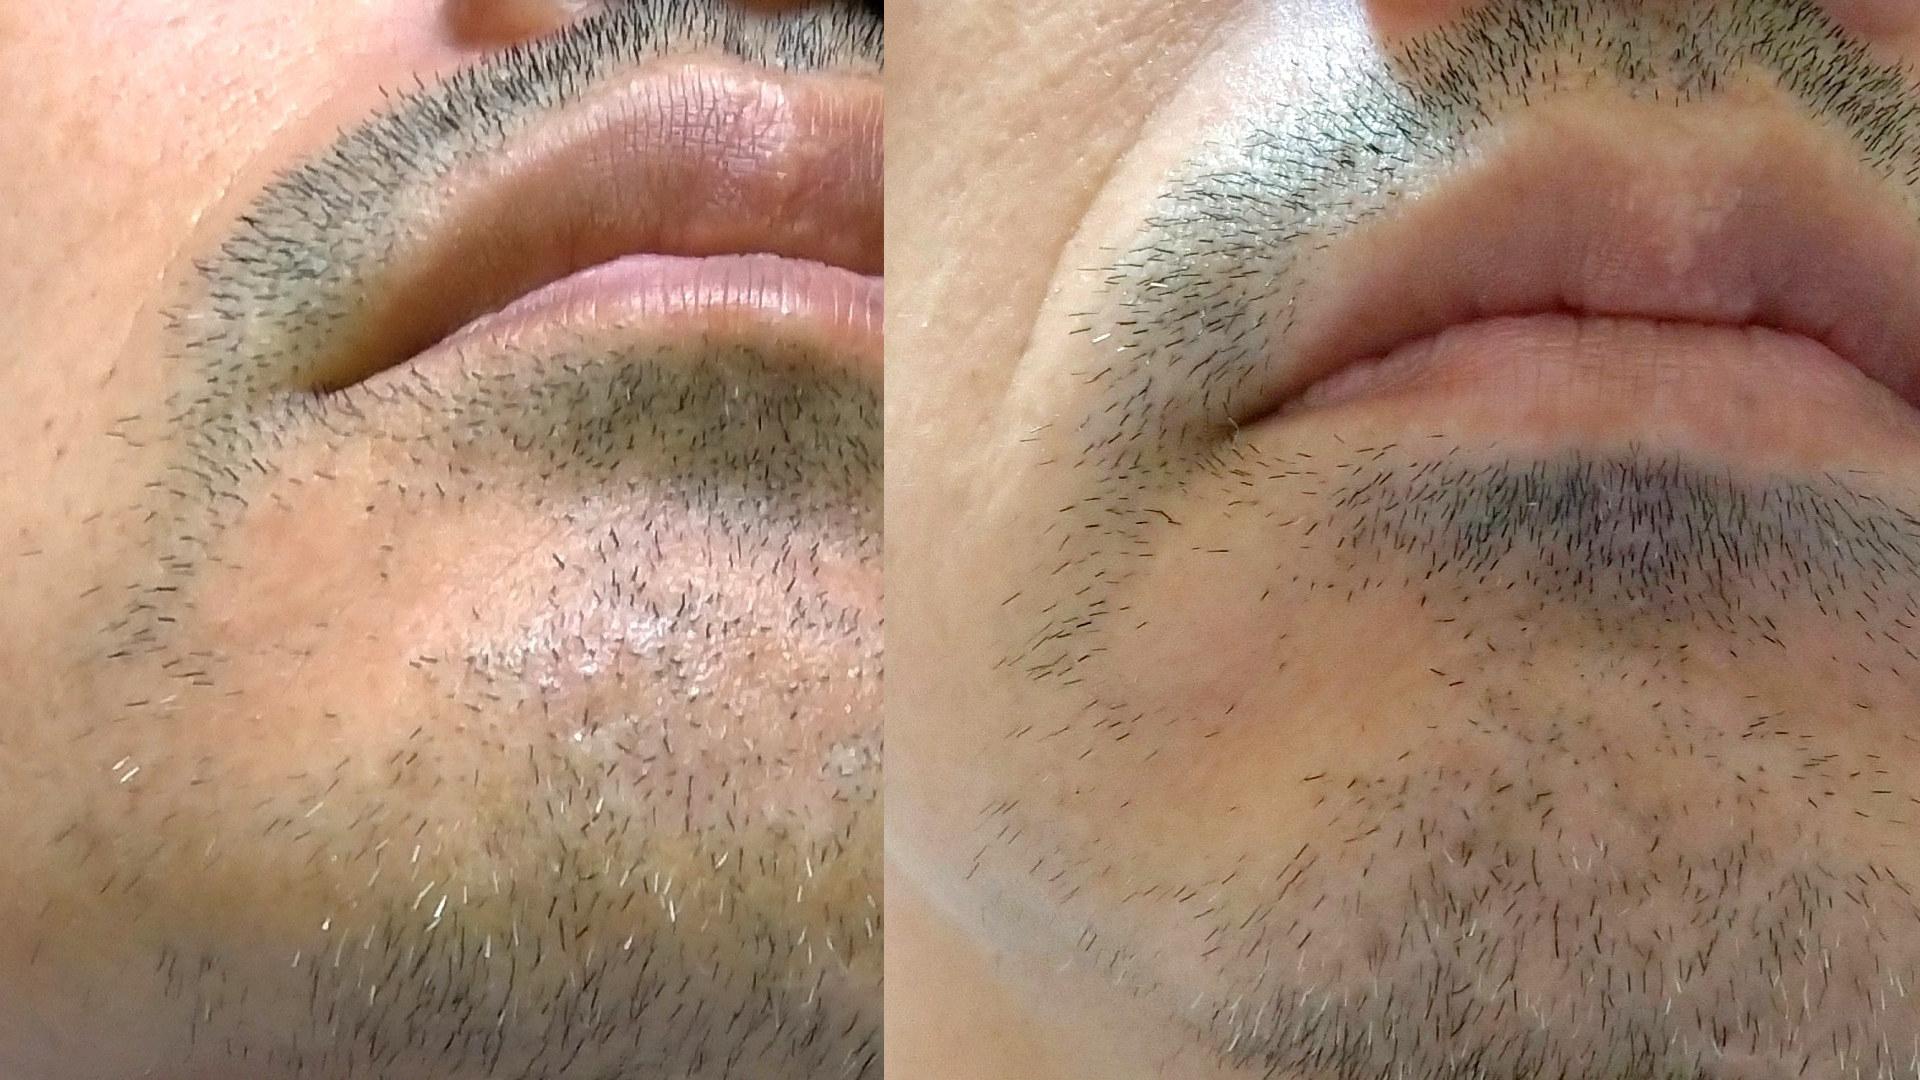 脱毛器 オーパスビューティー03の白髪ヒゲ脱毛チャレンジ 1回目直前と2回目直前の比較写真